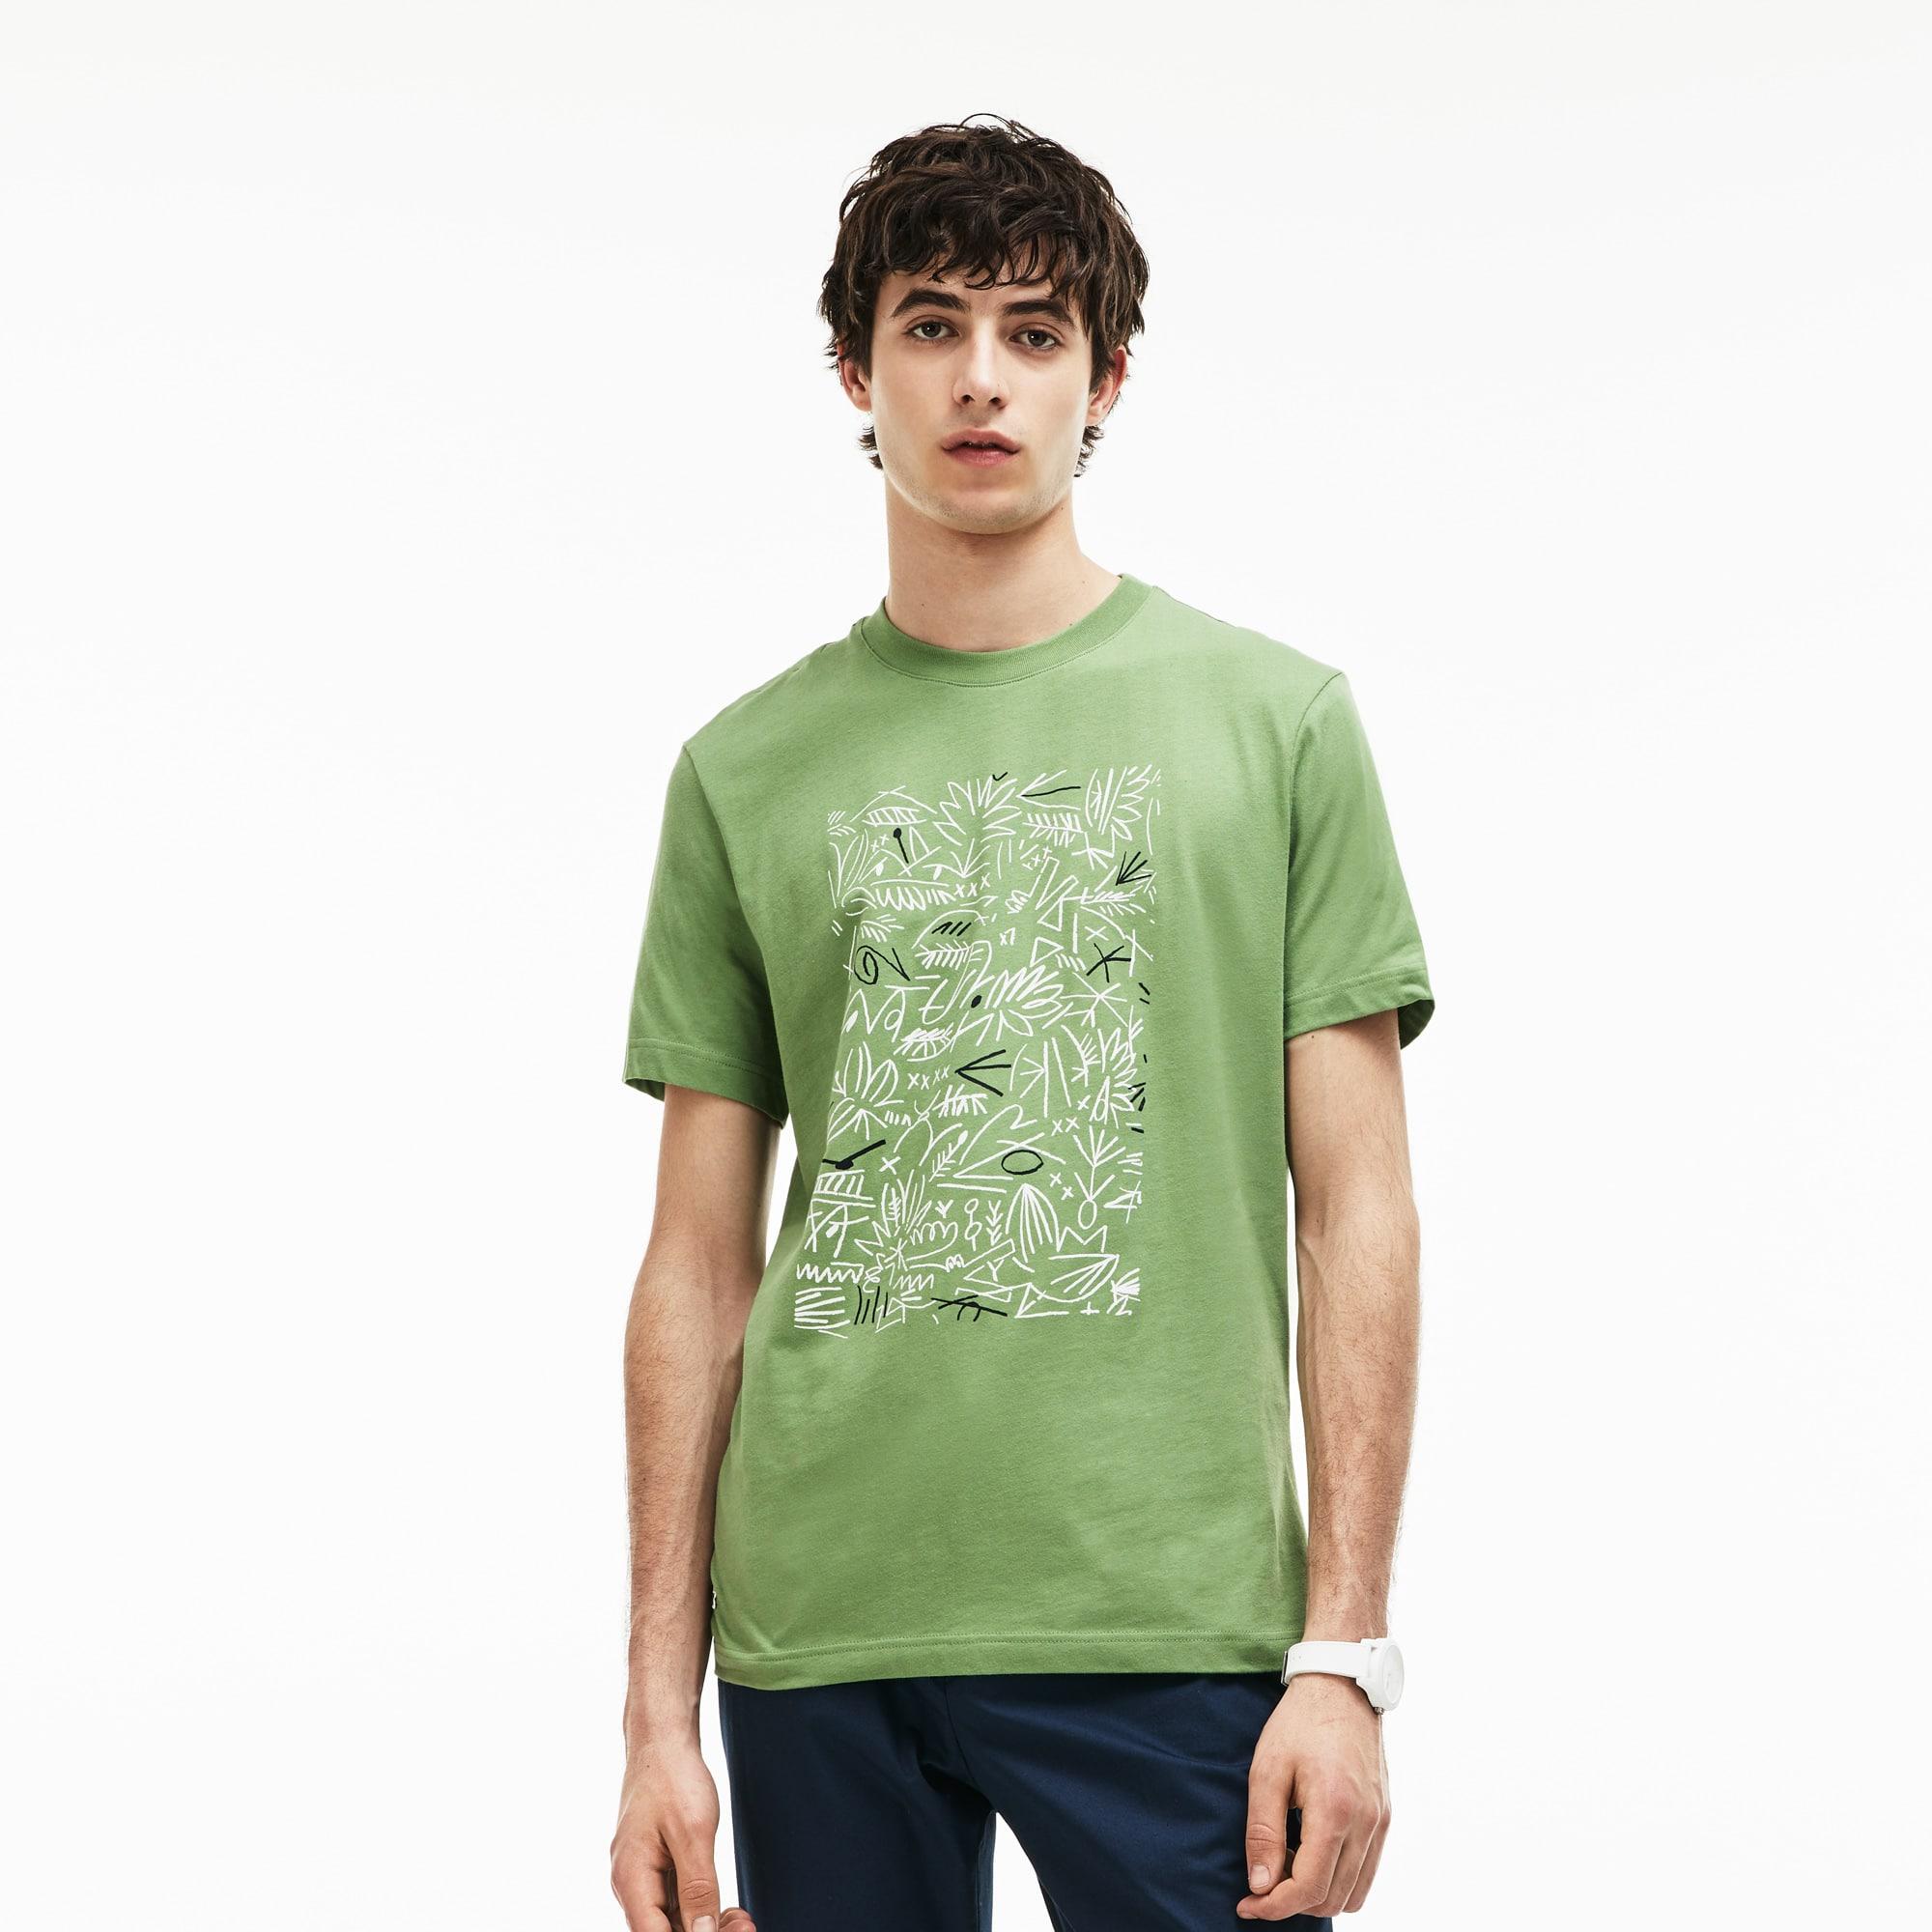 Men's Crew Neck Print Cotton T-Shirt